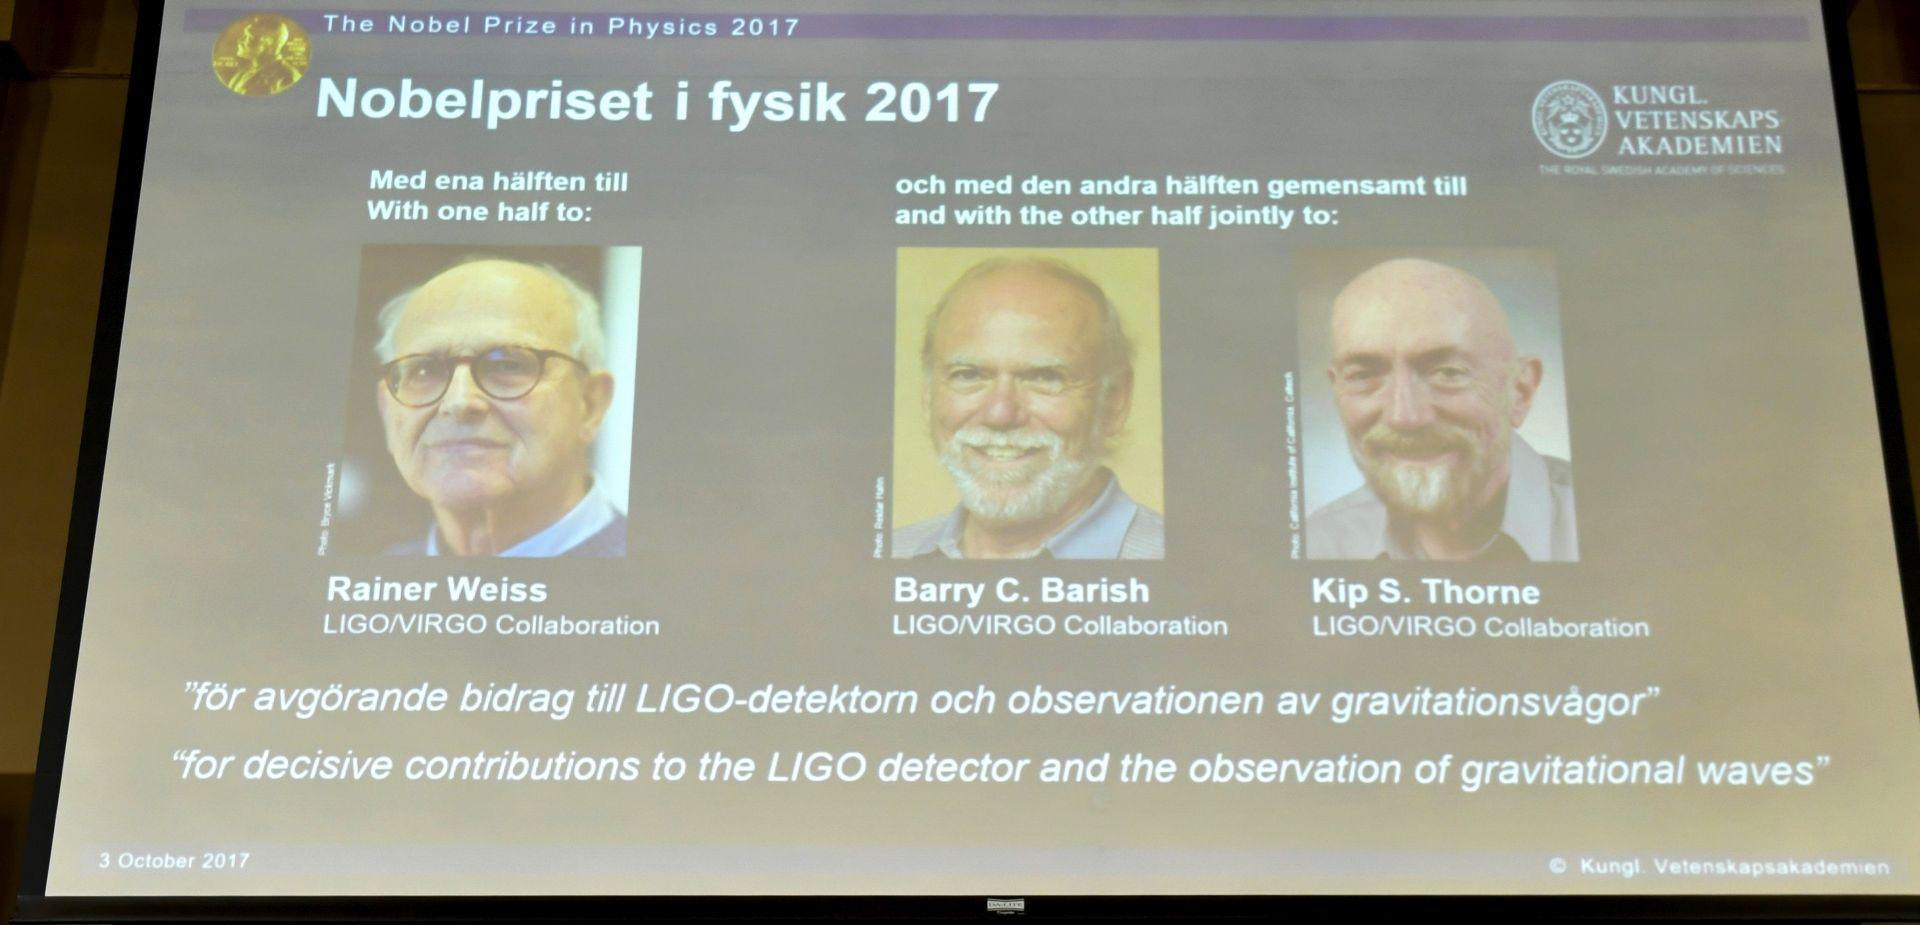 OTKRIĆE KOJE JE UZDRMALO SVIJET Nobel za fiziku trojici Amerikanaca za gravitacijske valove